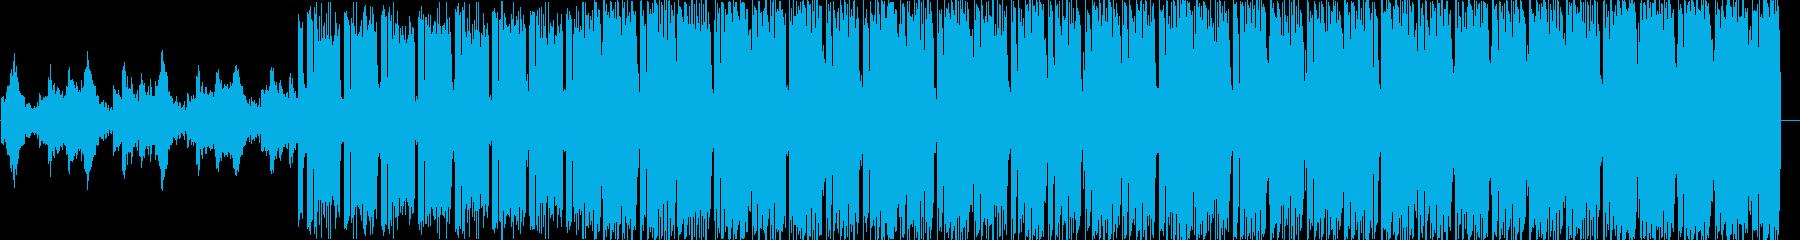 ファンタジーなシンセポップテクノ系の再生済みの波形